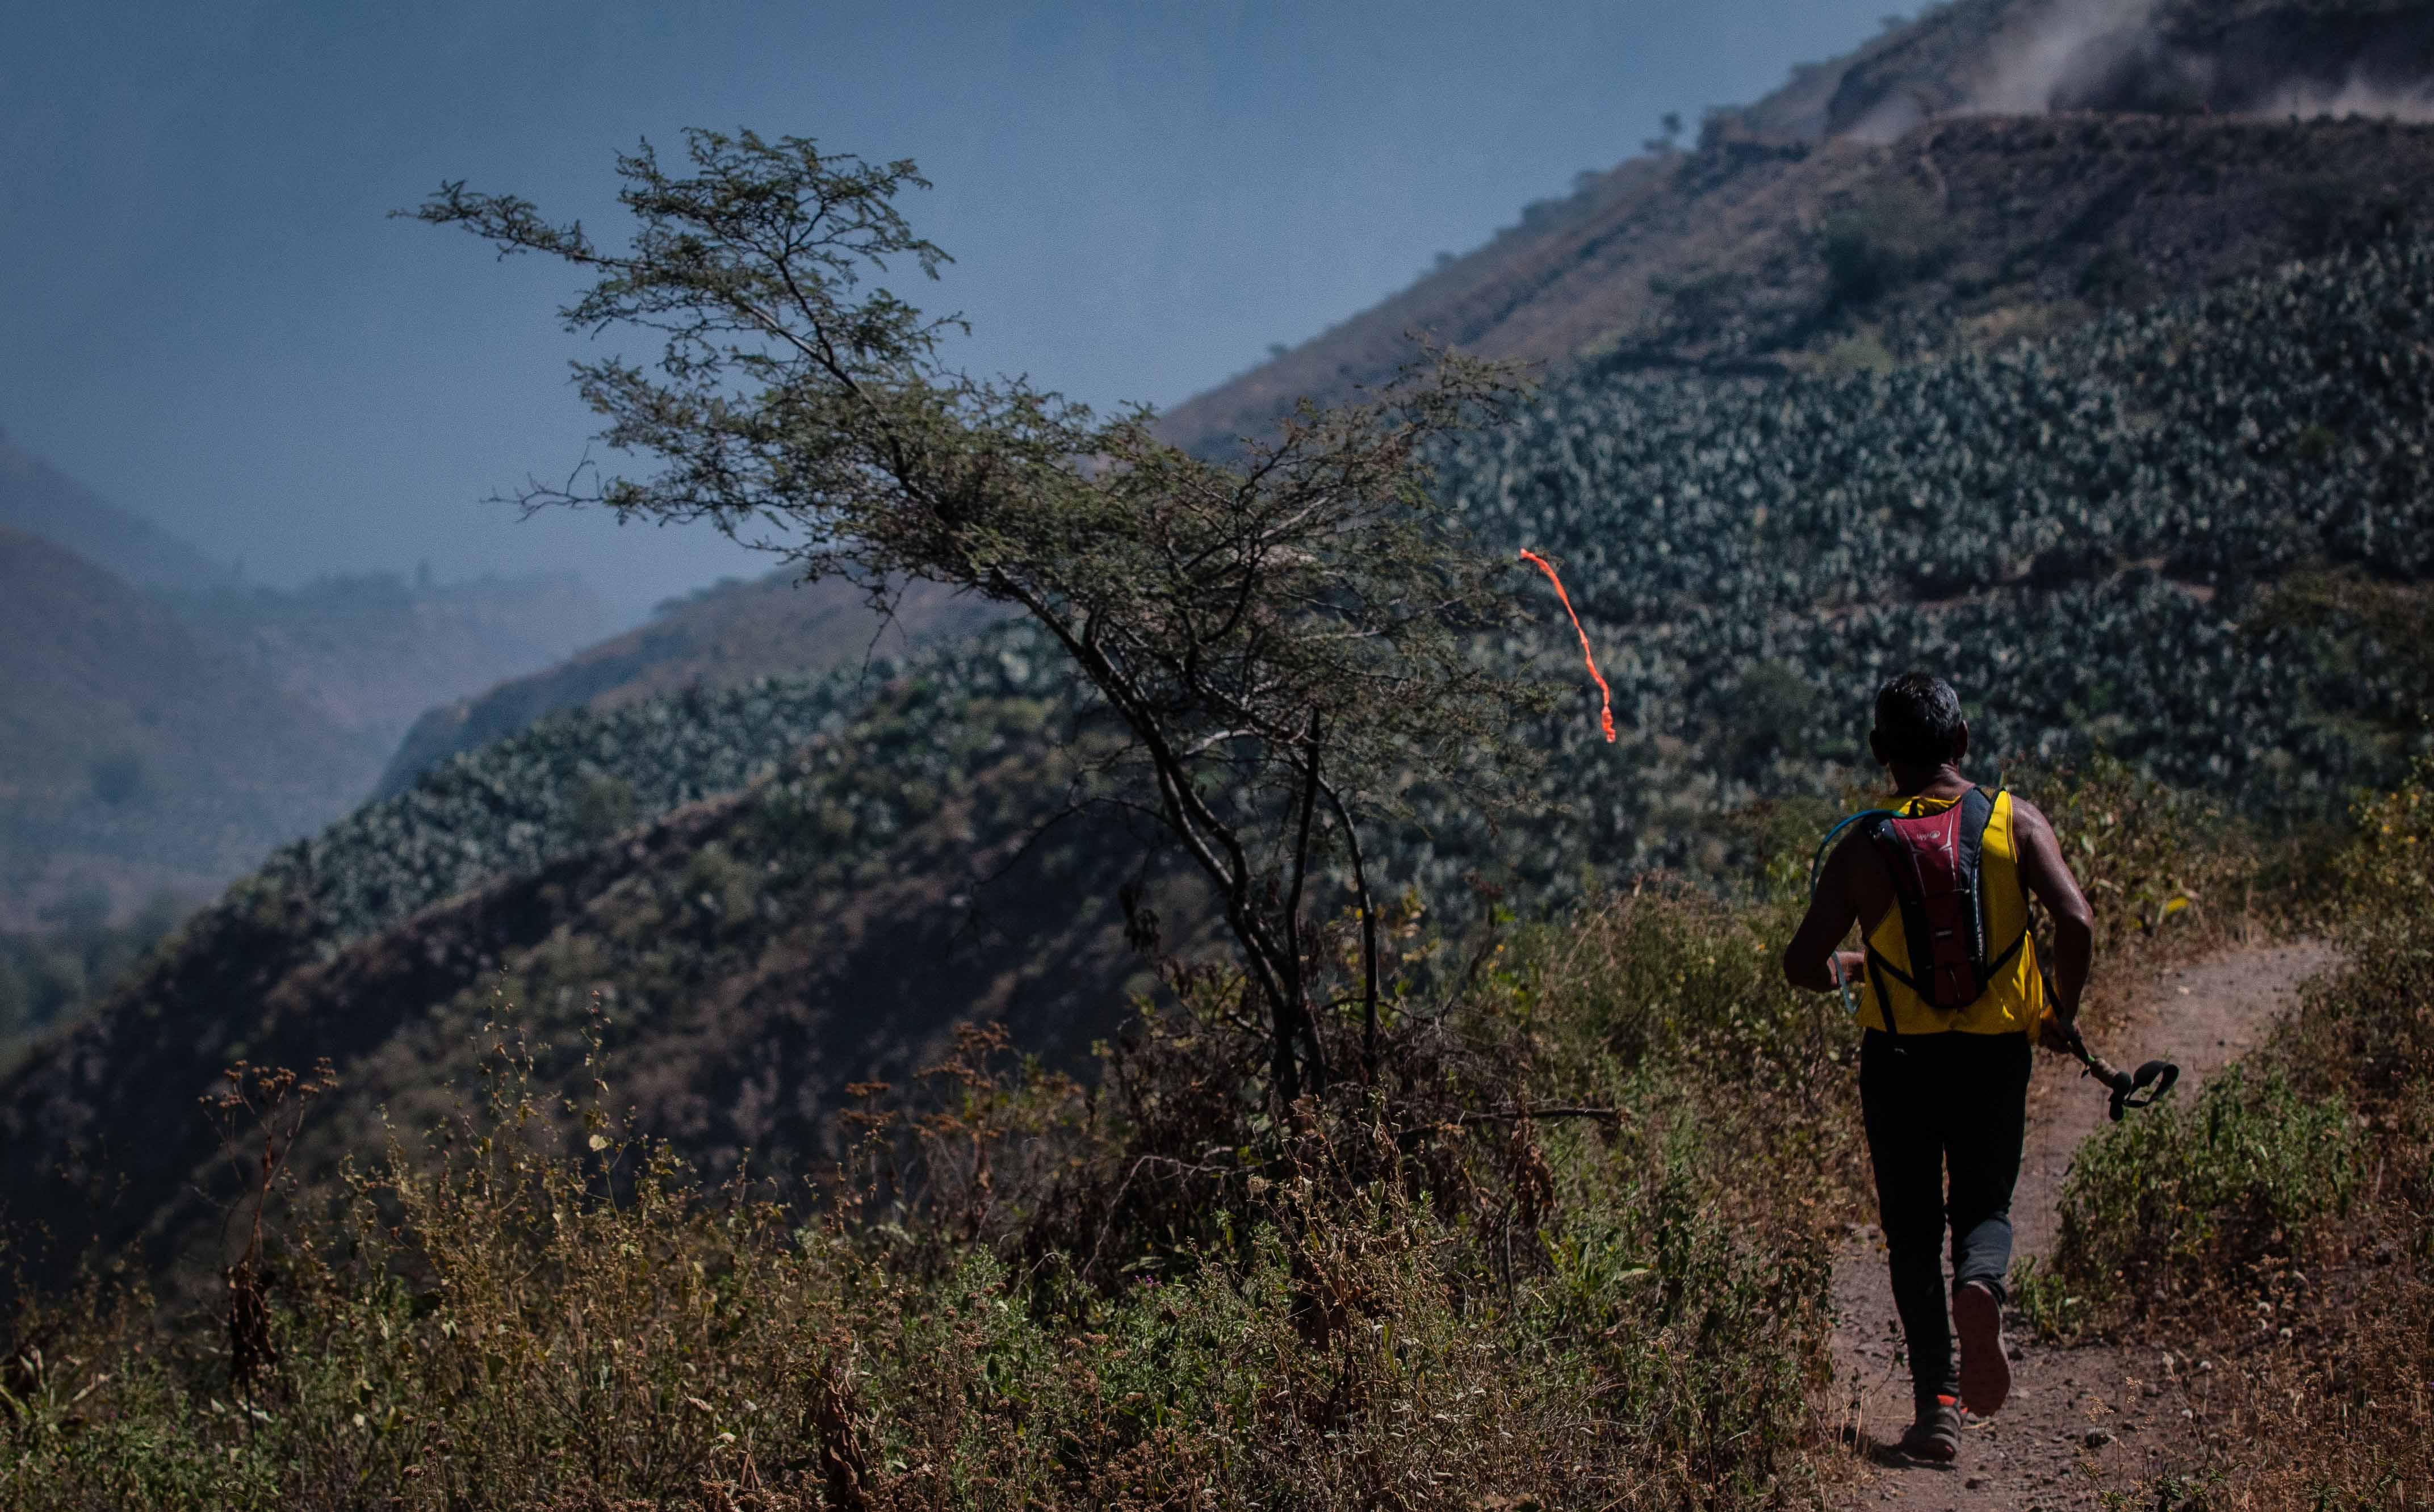 Corriendo en los cerros de Cocachacra: Desafío Huarochirí 2015